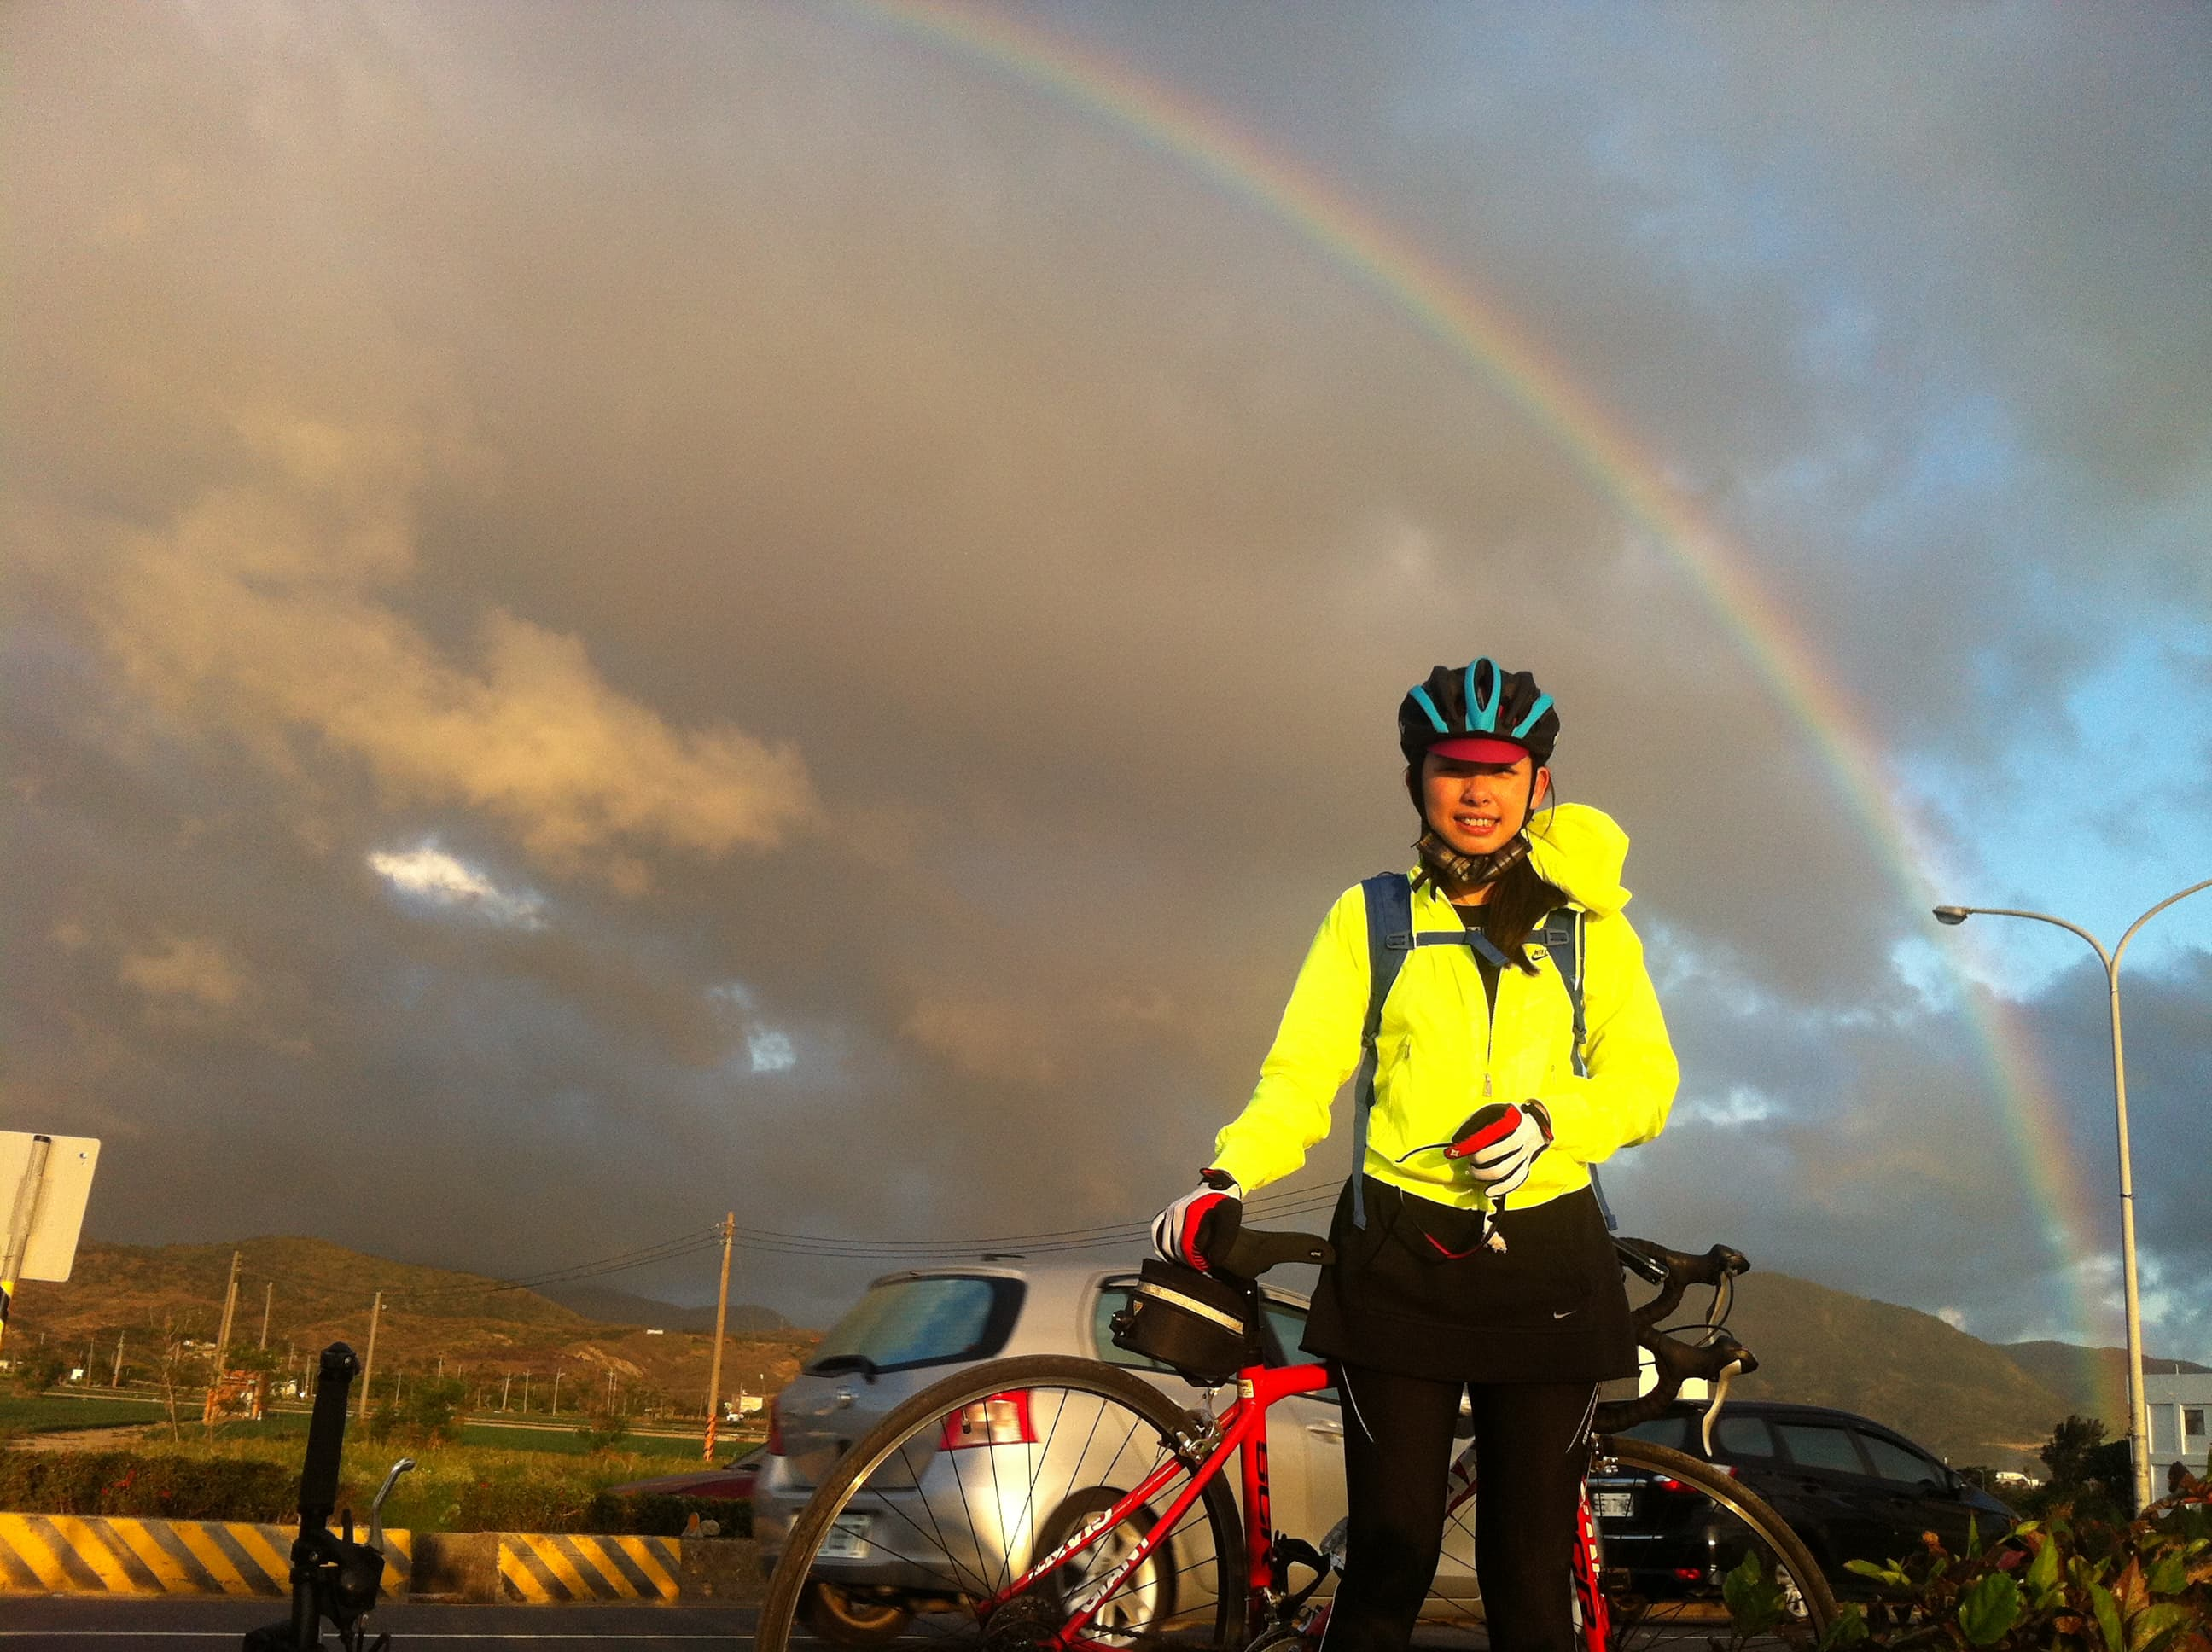 當年的強者我太太,我們在經過屏東車城時,路邊幸運遇見的半圓形大彩虹,非常壯觀(2013,屏東車城)